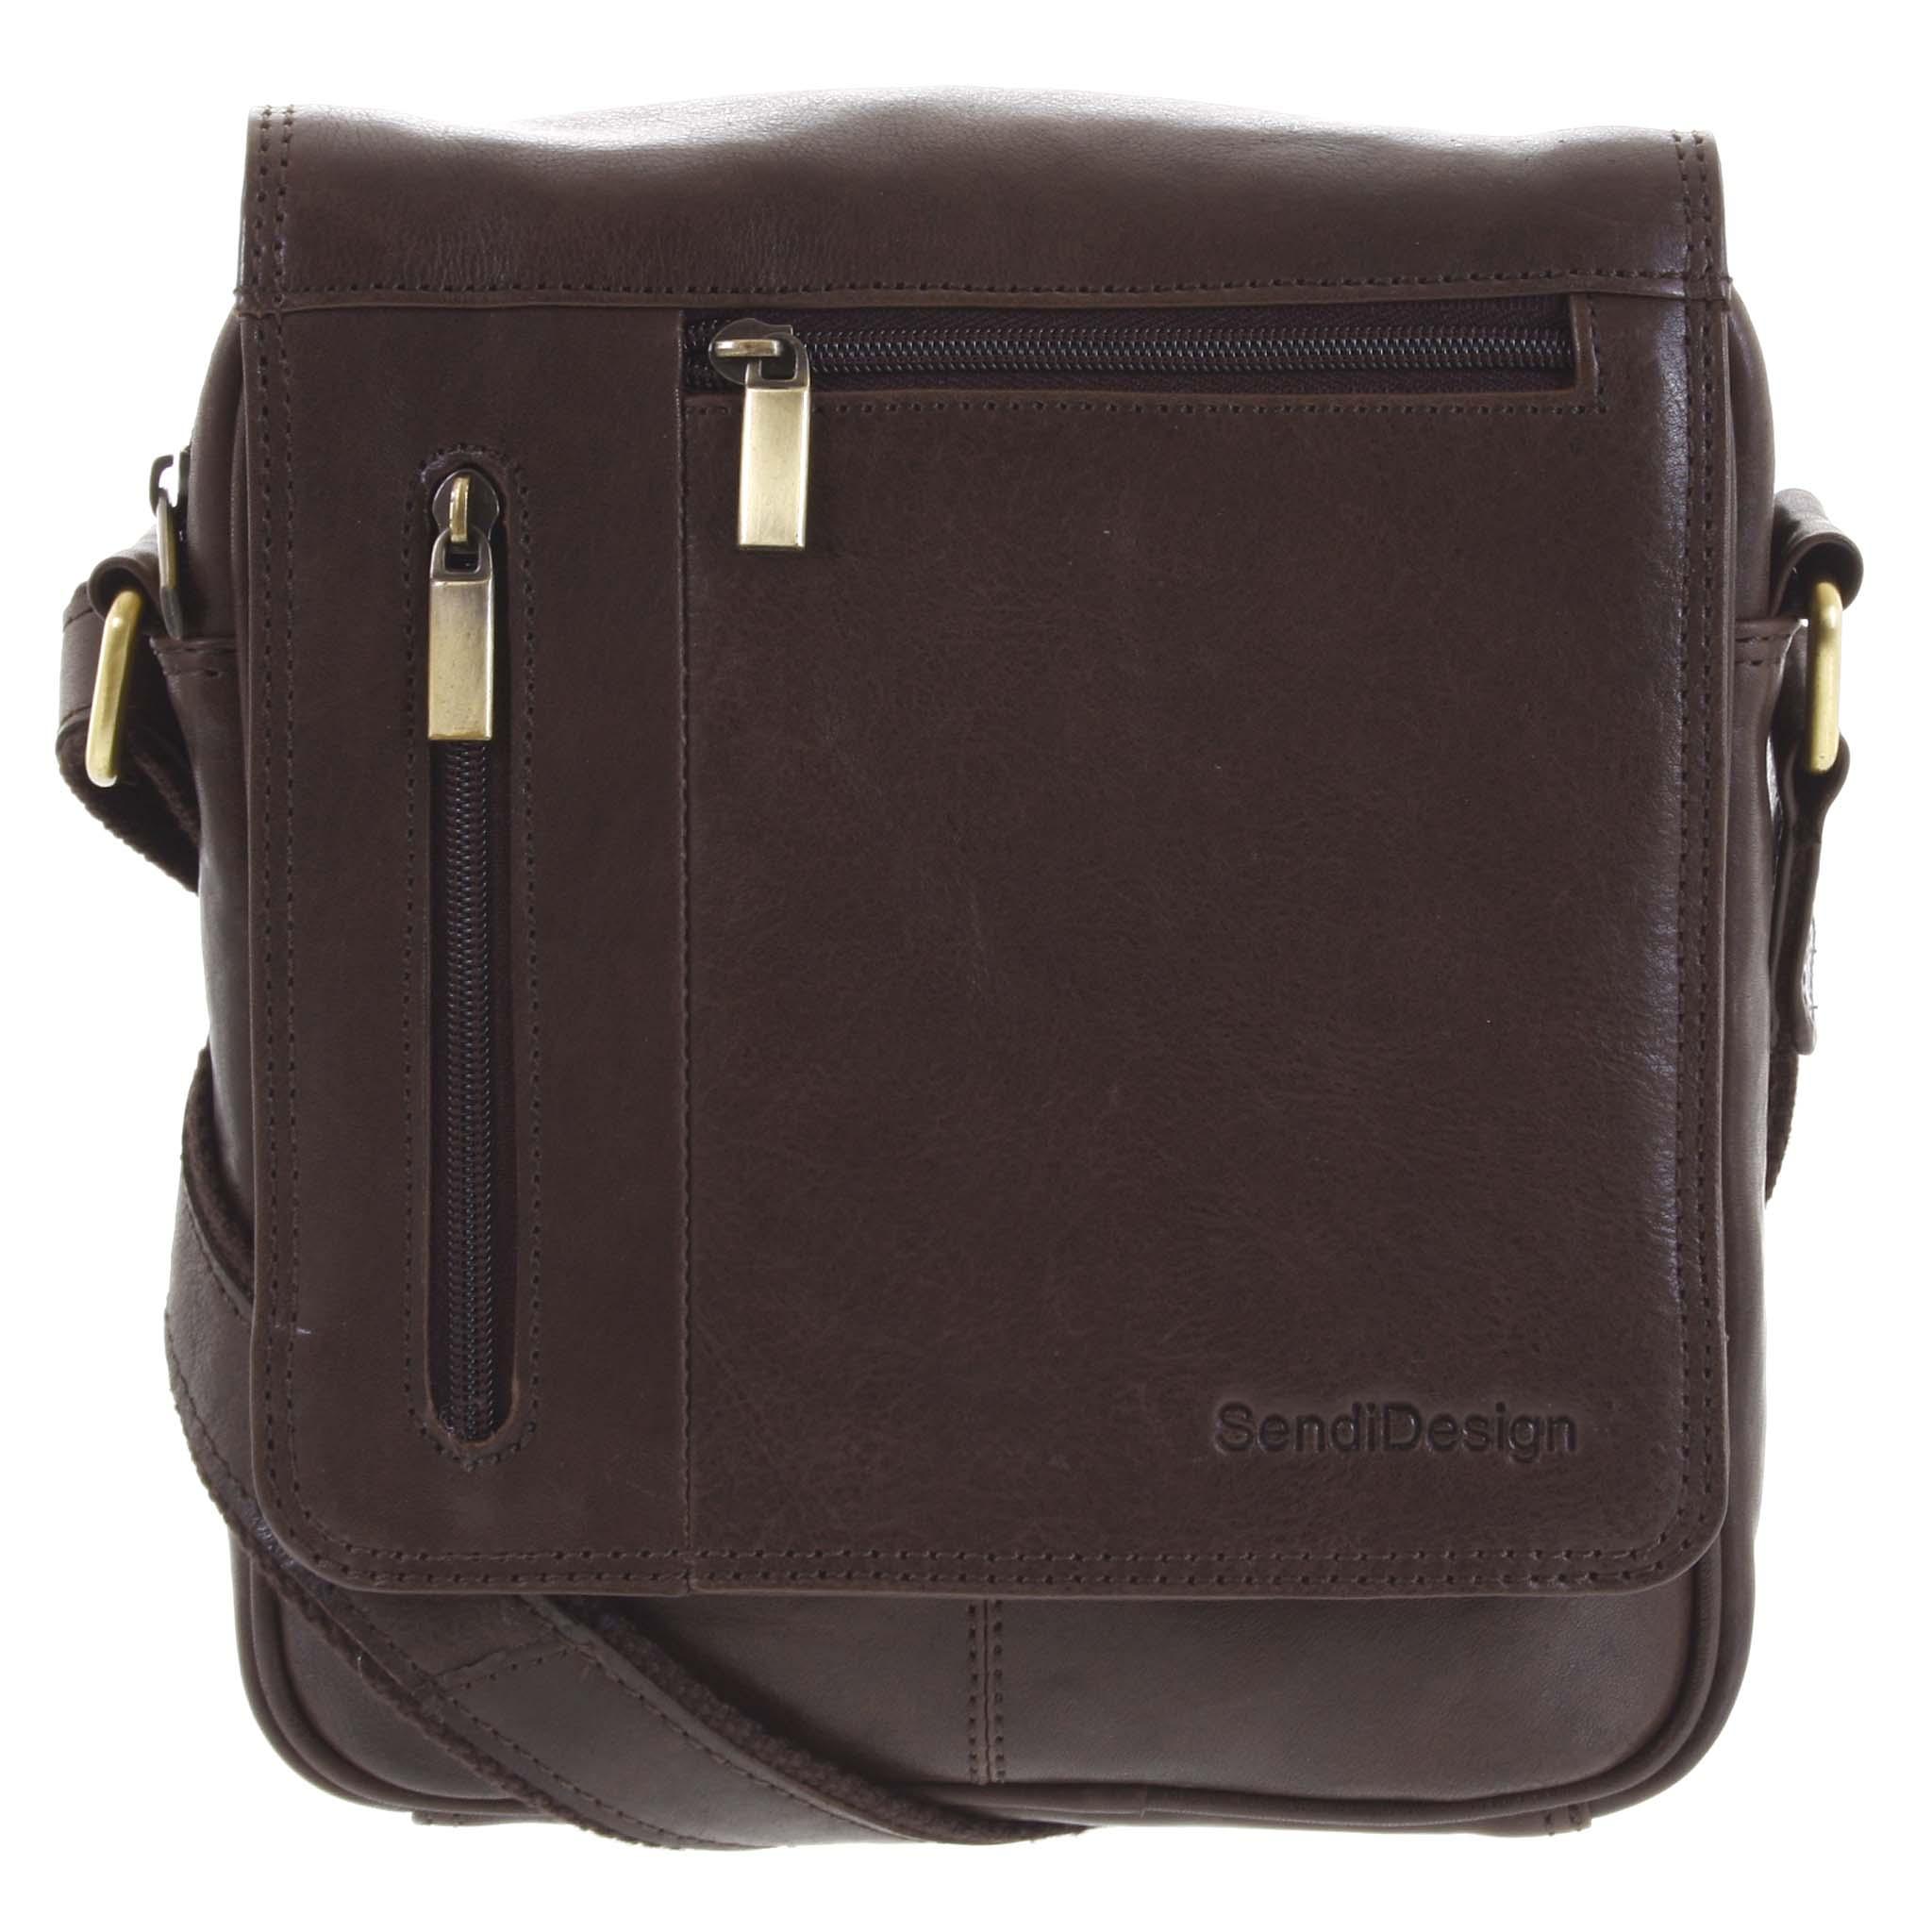 Pánska kožená taška cez plece tmavohnedá - SendiDesign Thoreau